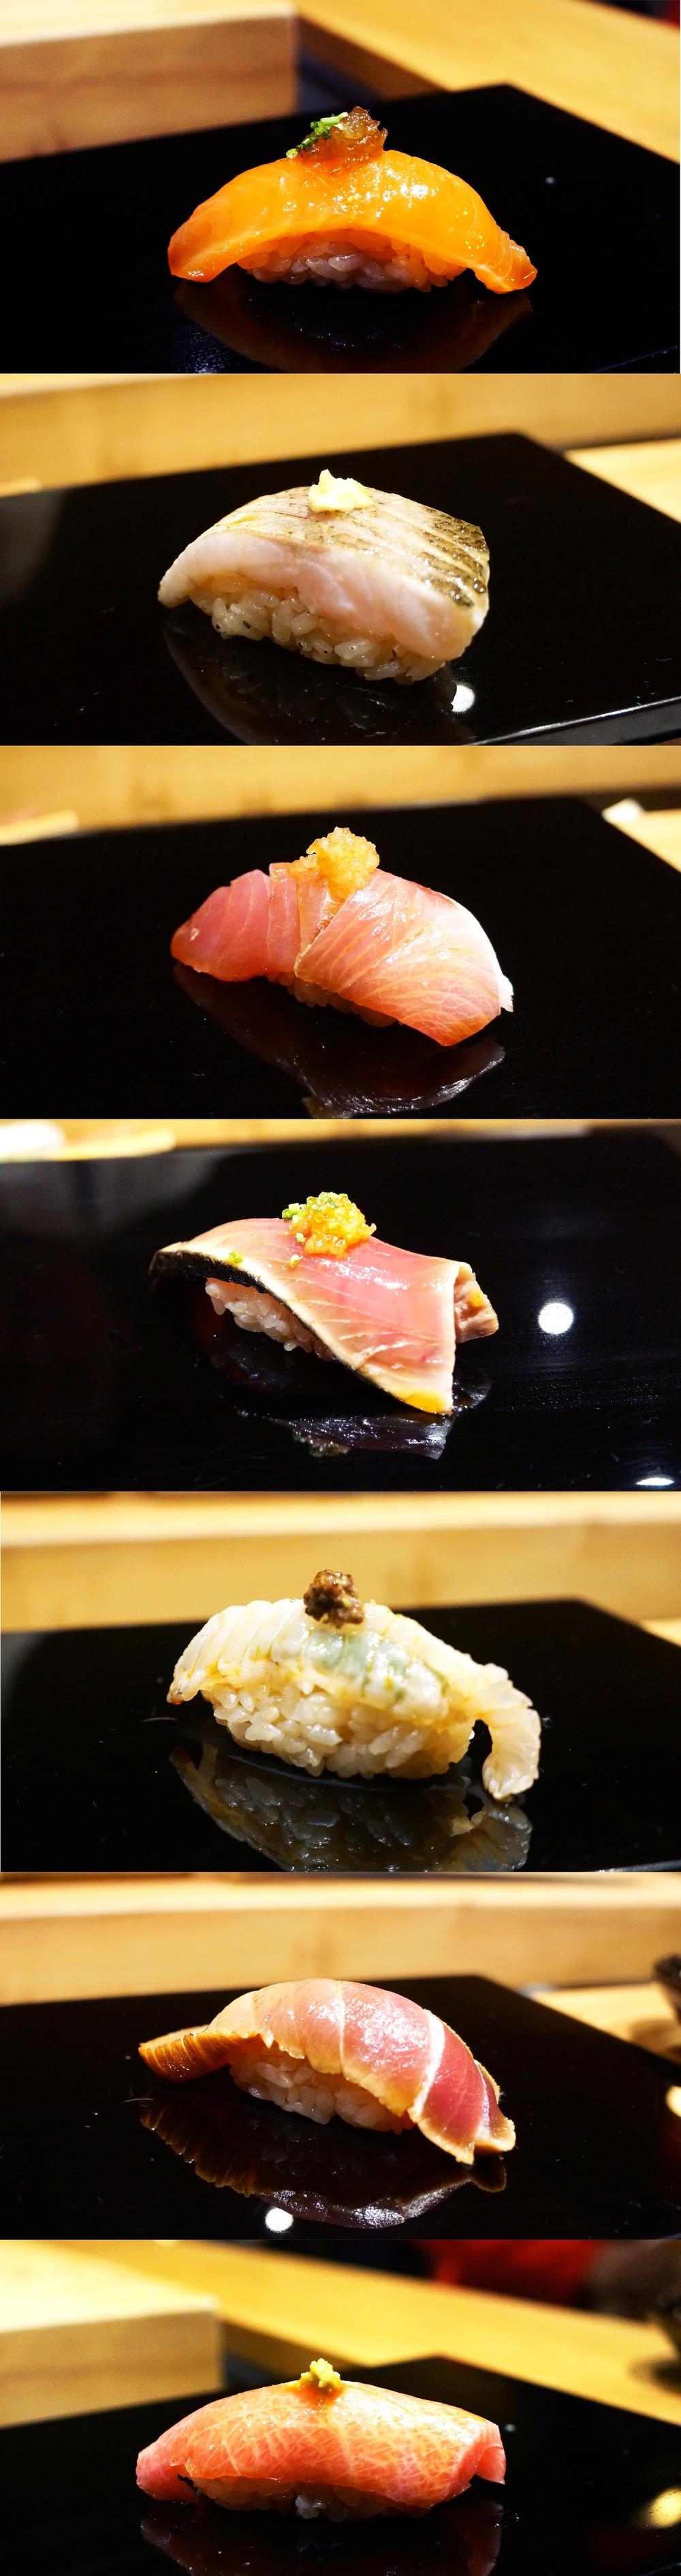 Omakase吃到的各种sushi。